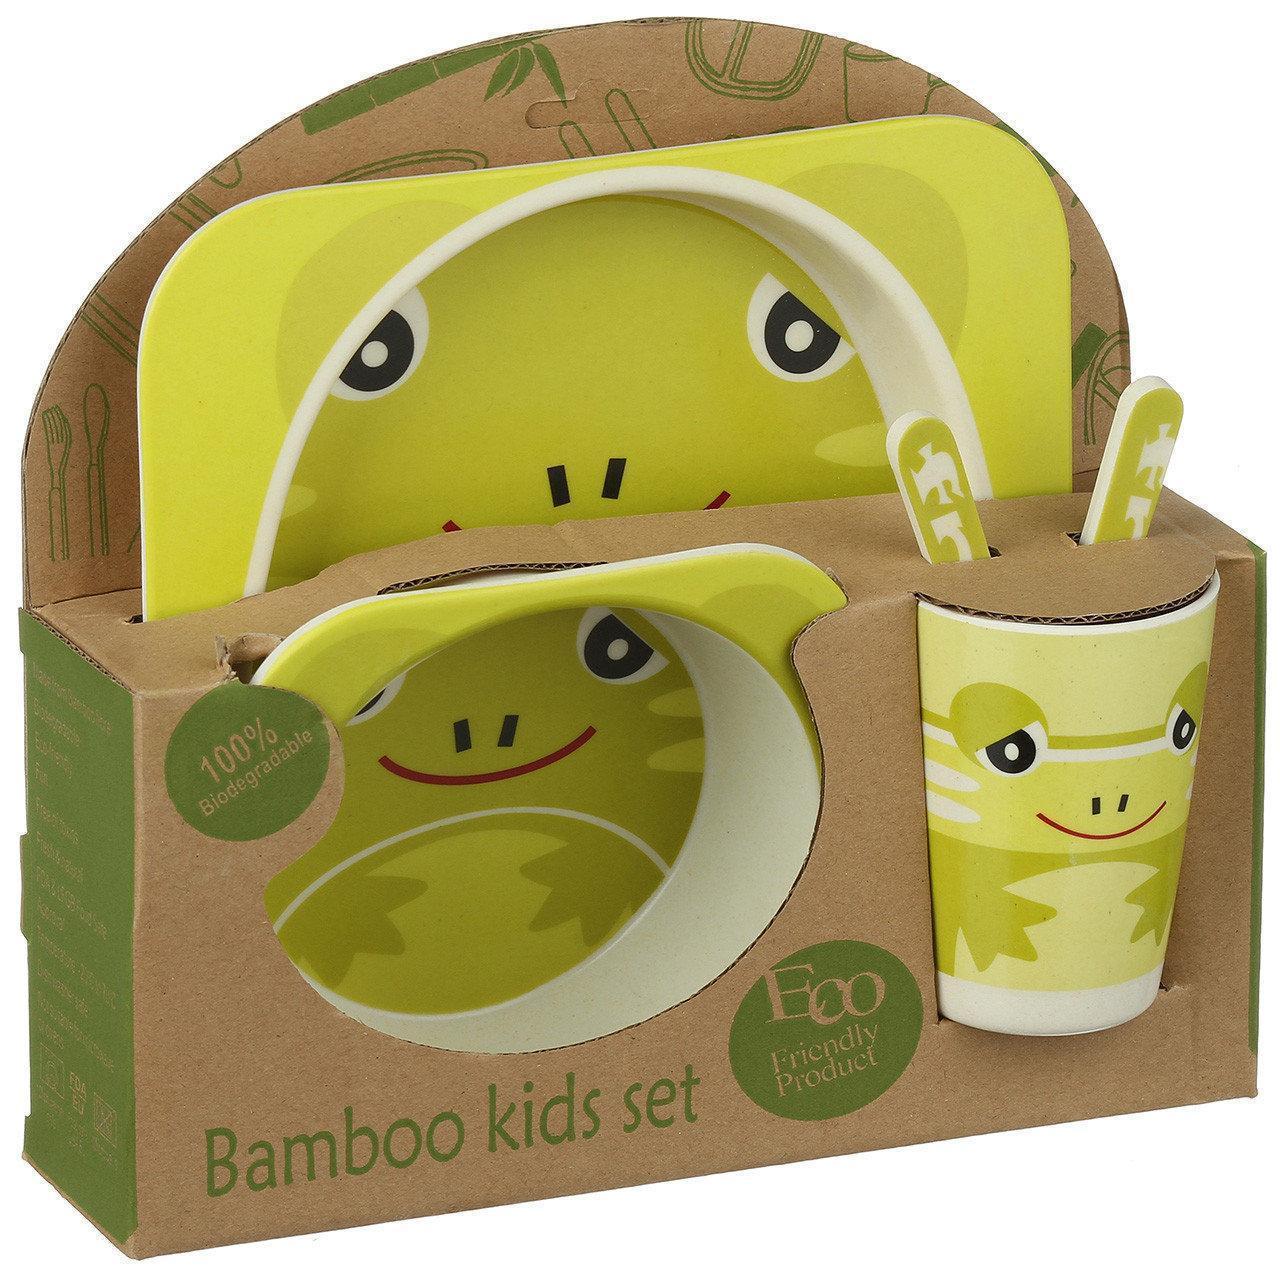 Набор детской бамбуковой посуды Stenson MH-2770-6 лягушка, 5 предметов